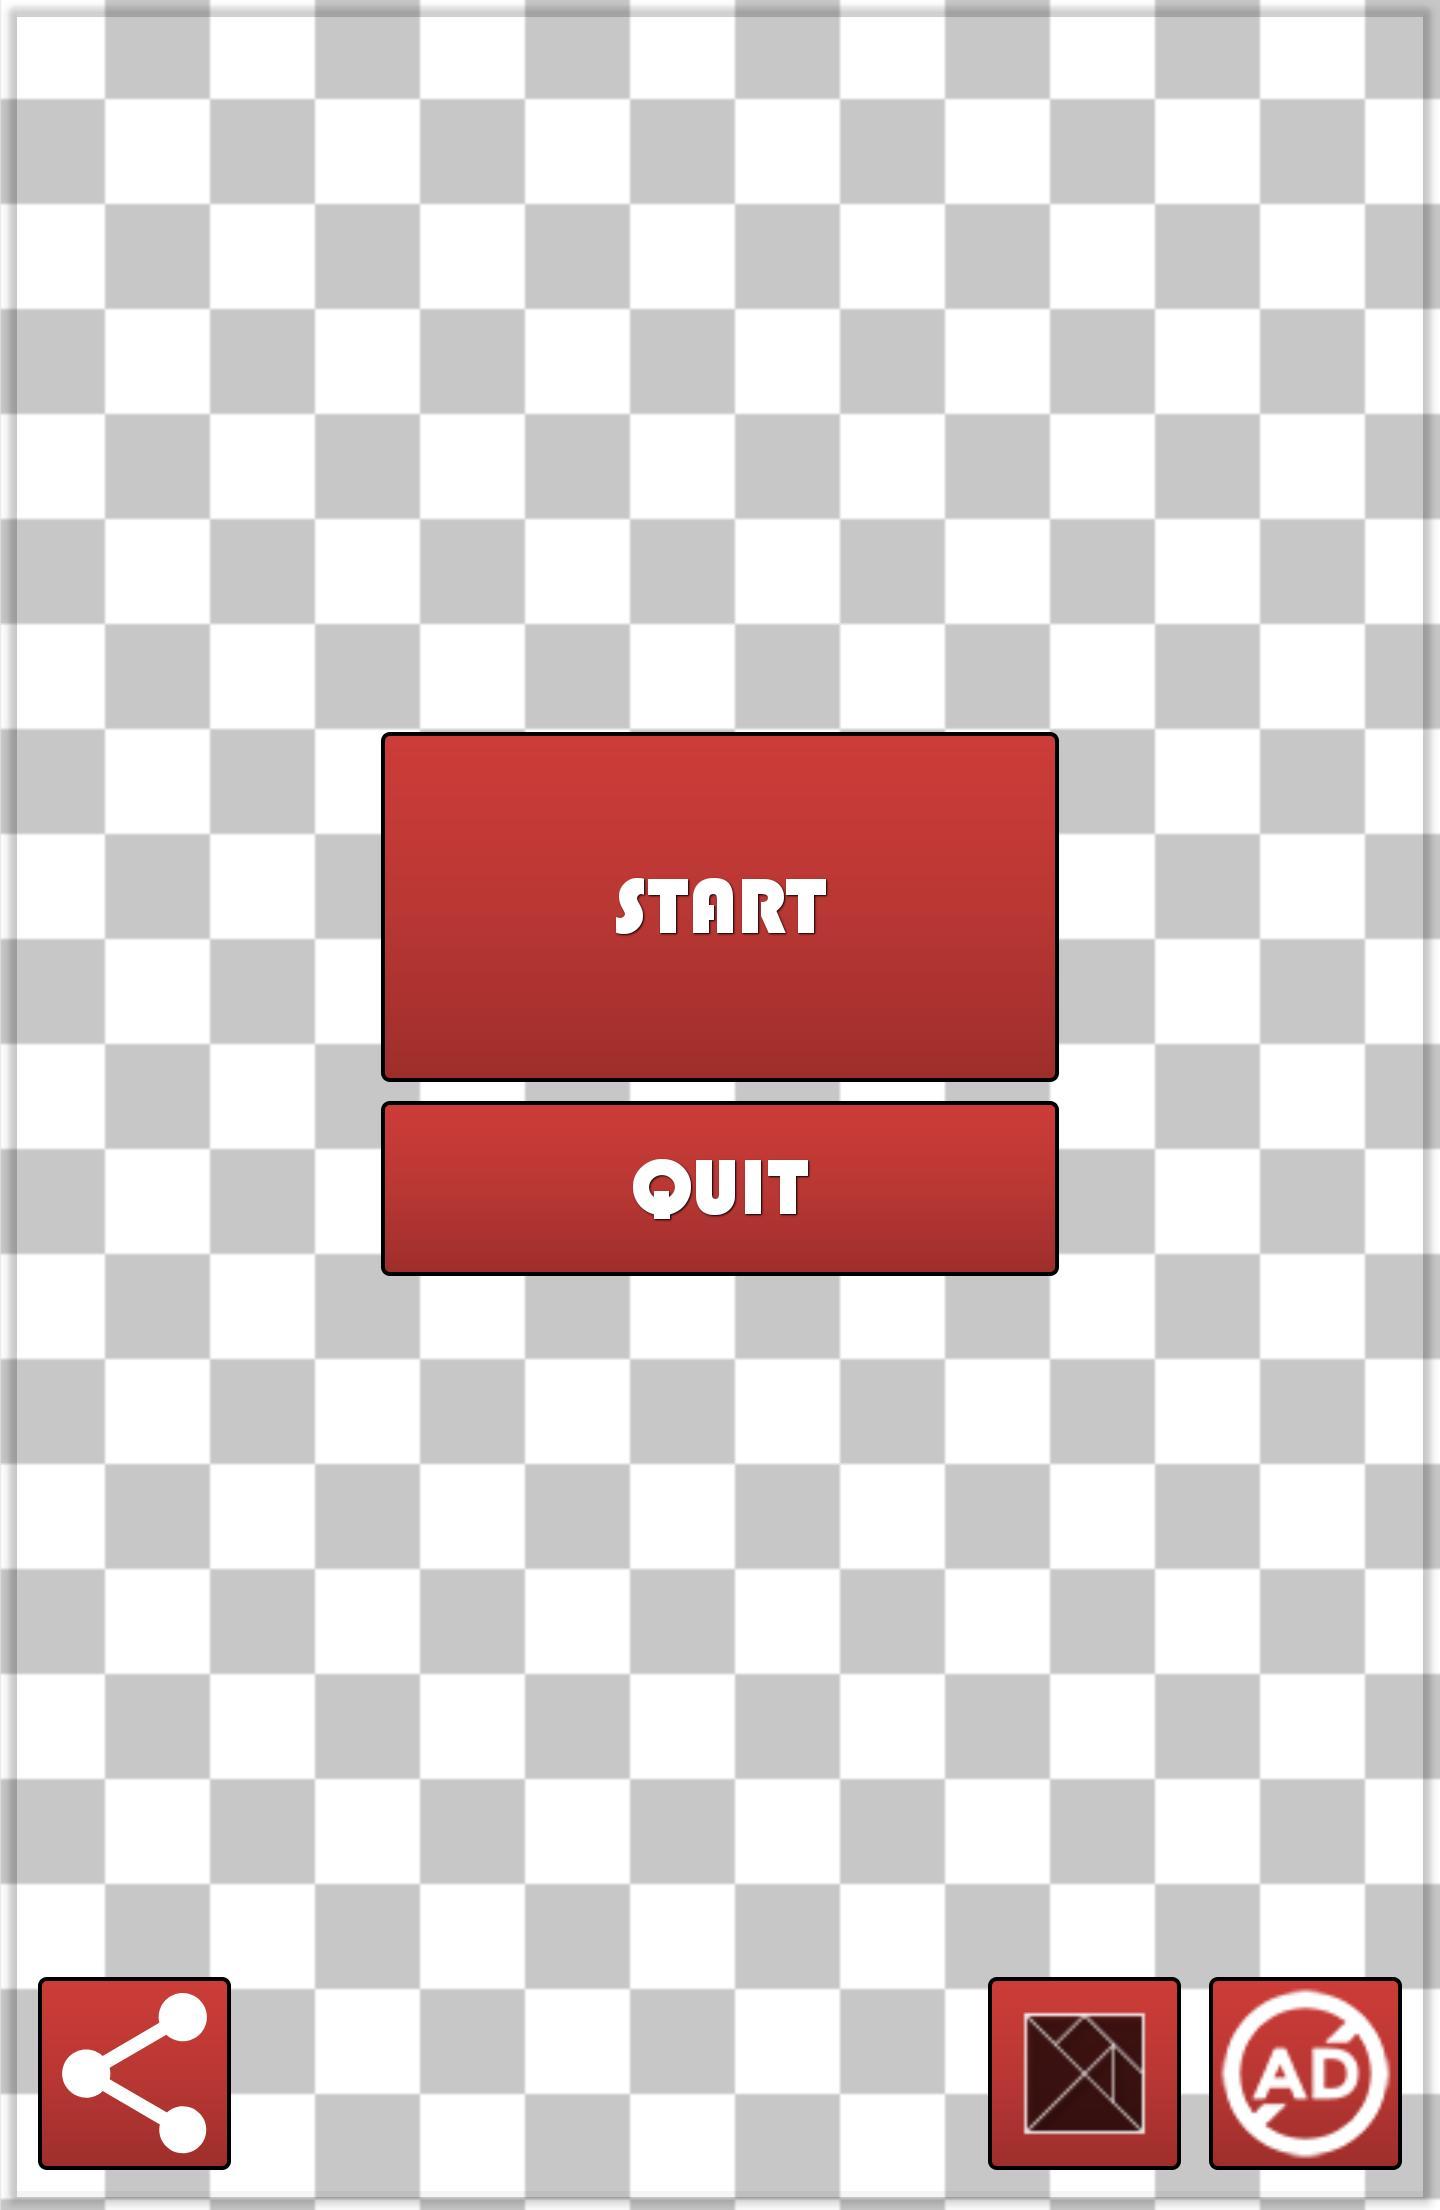 Android 用の タングラムパズル Apk をダウンロード